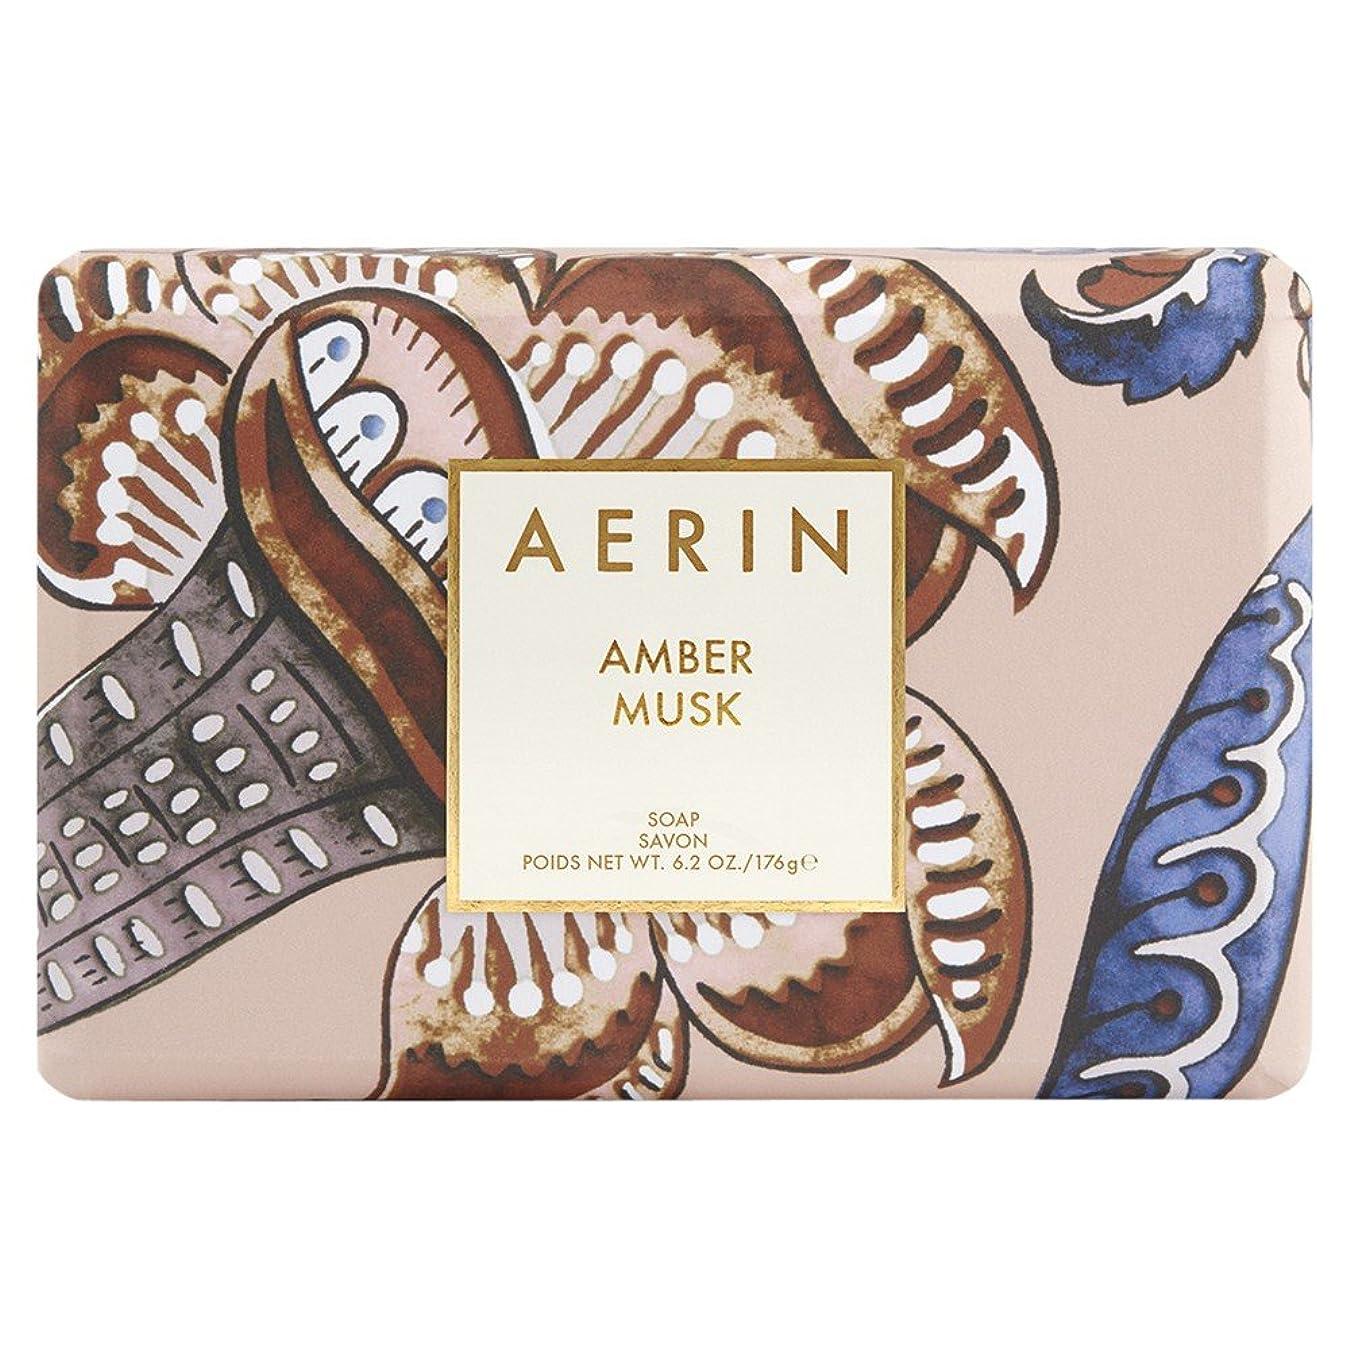 変数降ろす耐久Aerinアンバームスクソープ176グラム (AERIN) (x2) - AERIN Amber Musk Soap 176g (Pack of 2) [並行輸入品]